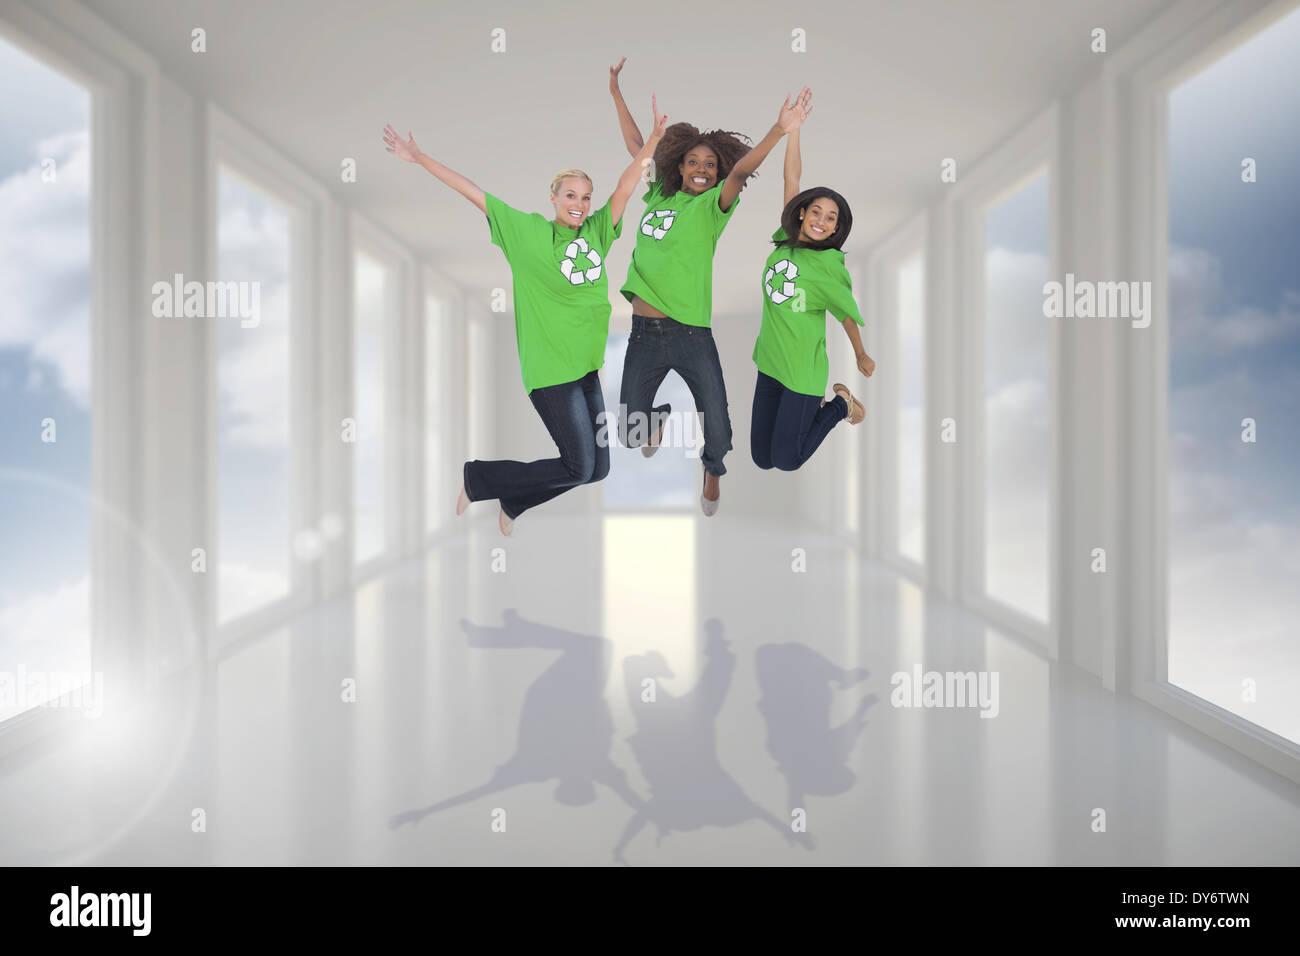 Zusammengesetztes Bild von Umwelt-Aktivisten springen und lächelnd Stockbild